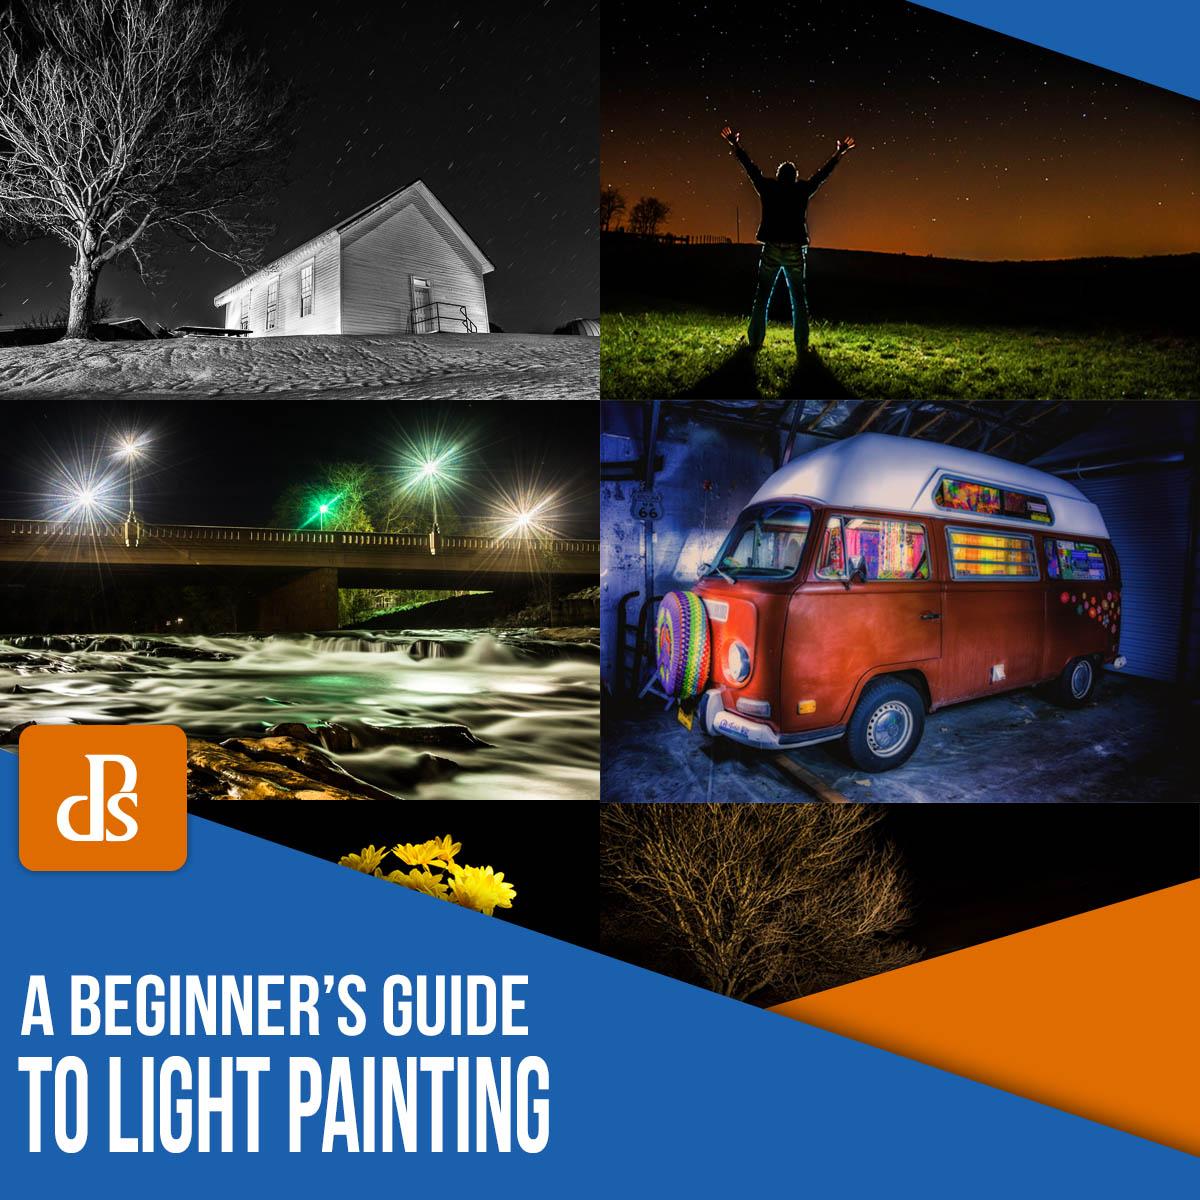 Guia para iniciantes em pintura com luz em fotografia